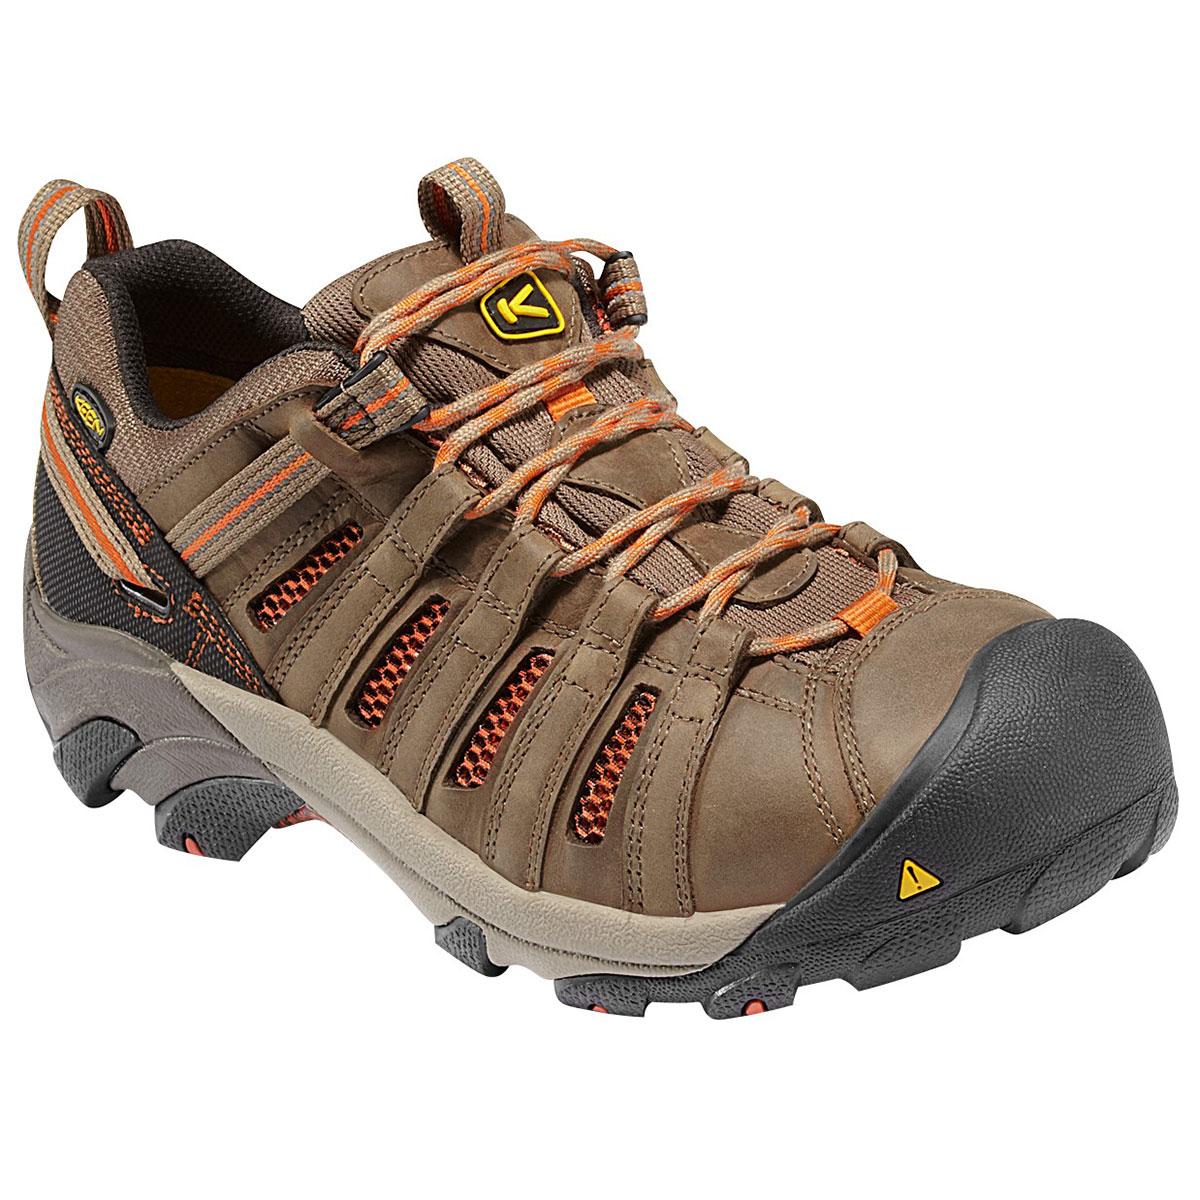 KEEN Men's Flint Low Steel Toe Shoes